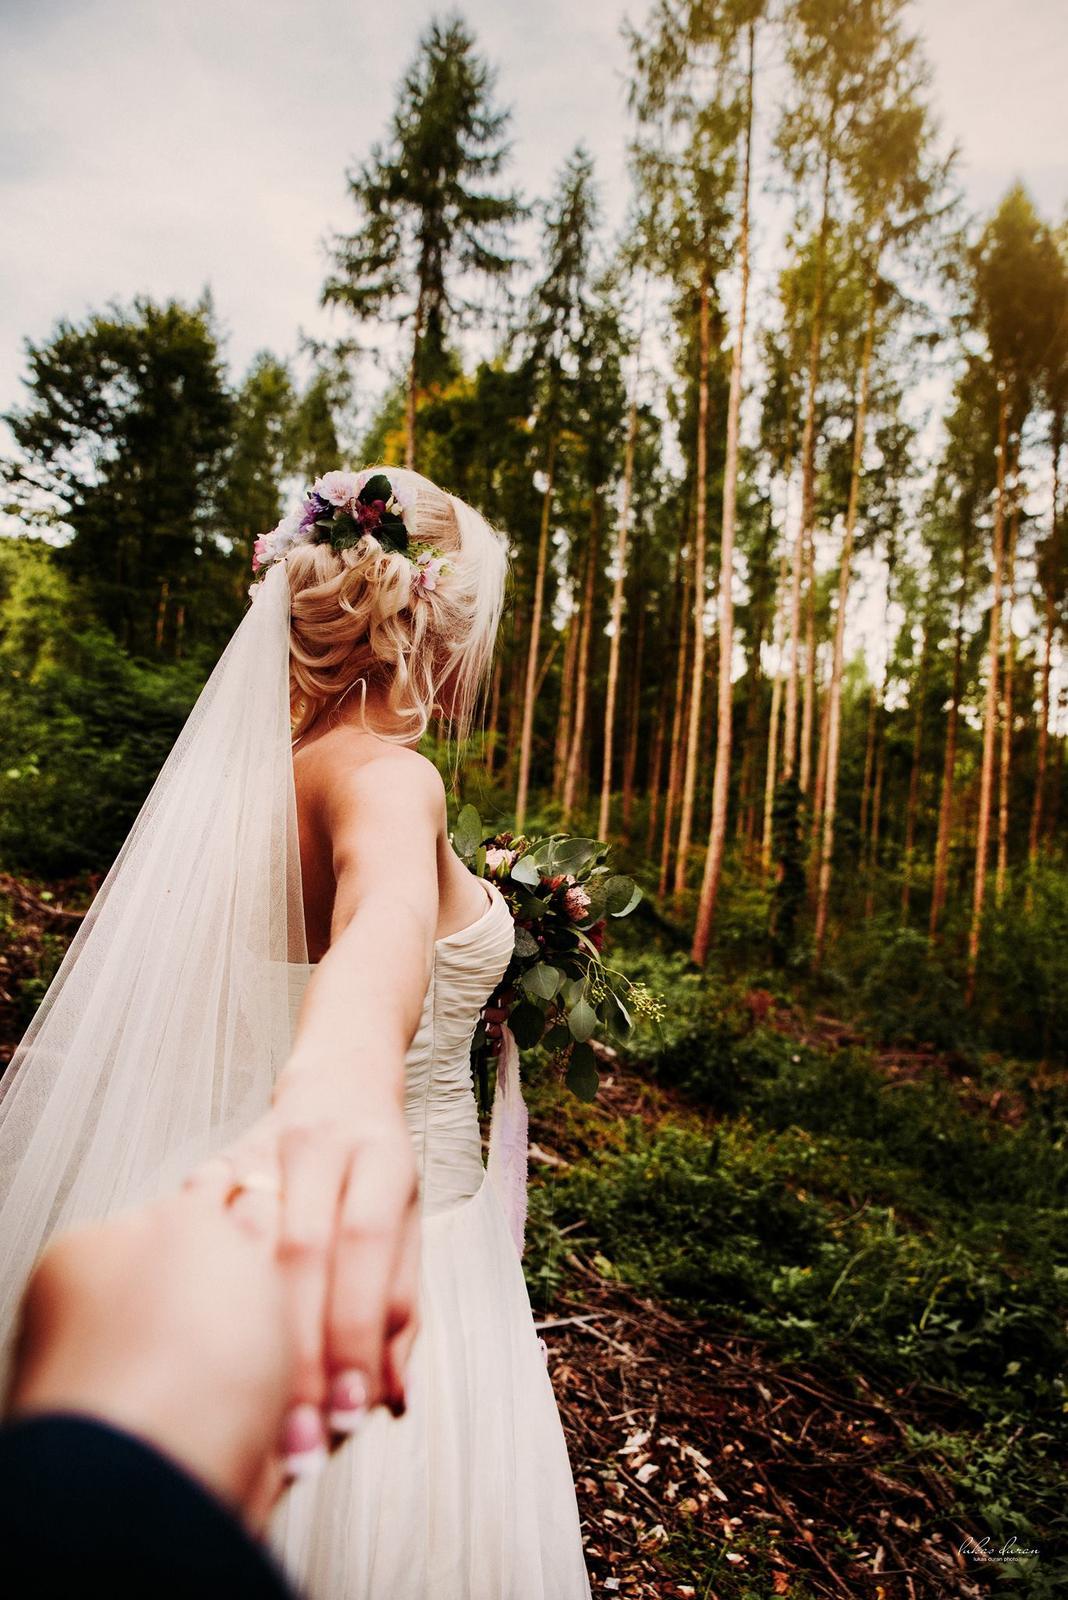 Moje svadobné fotografie - Obrázok č. 6